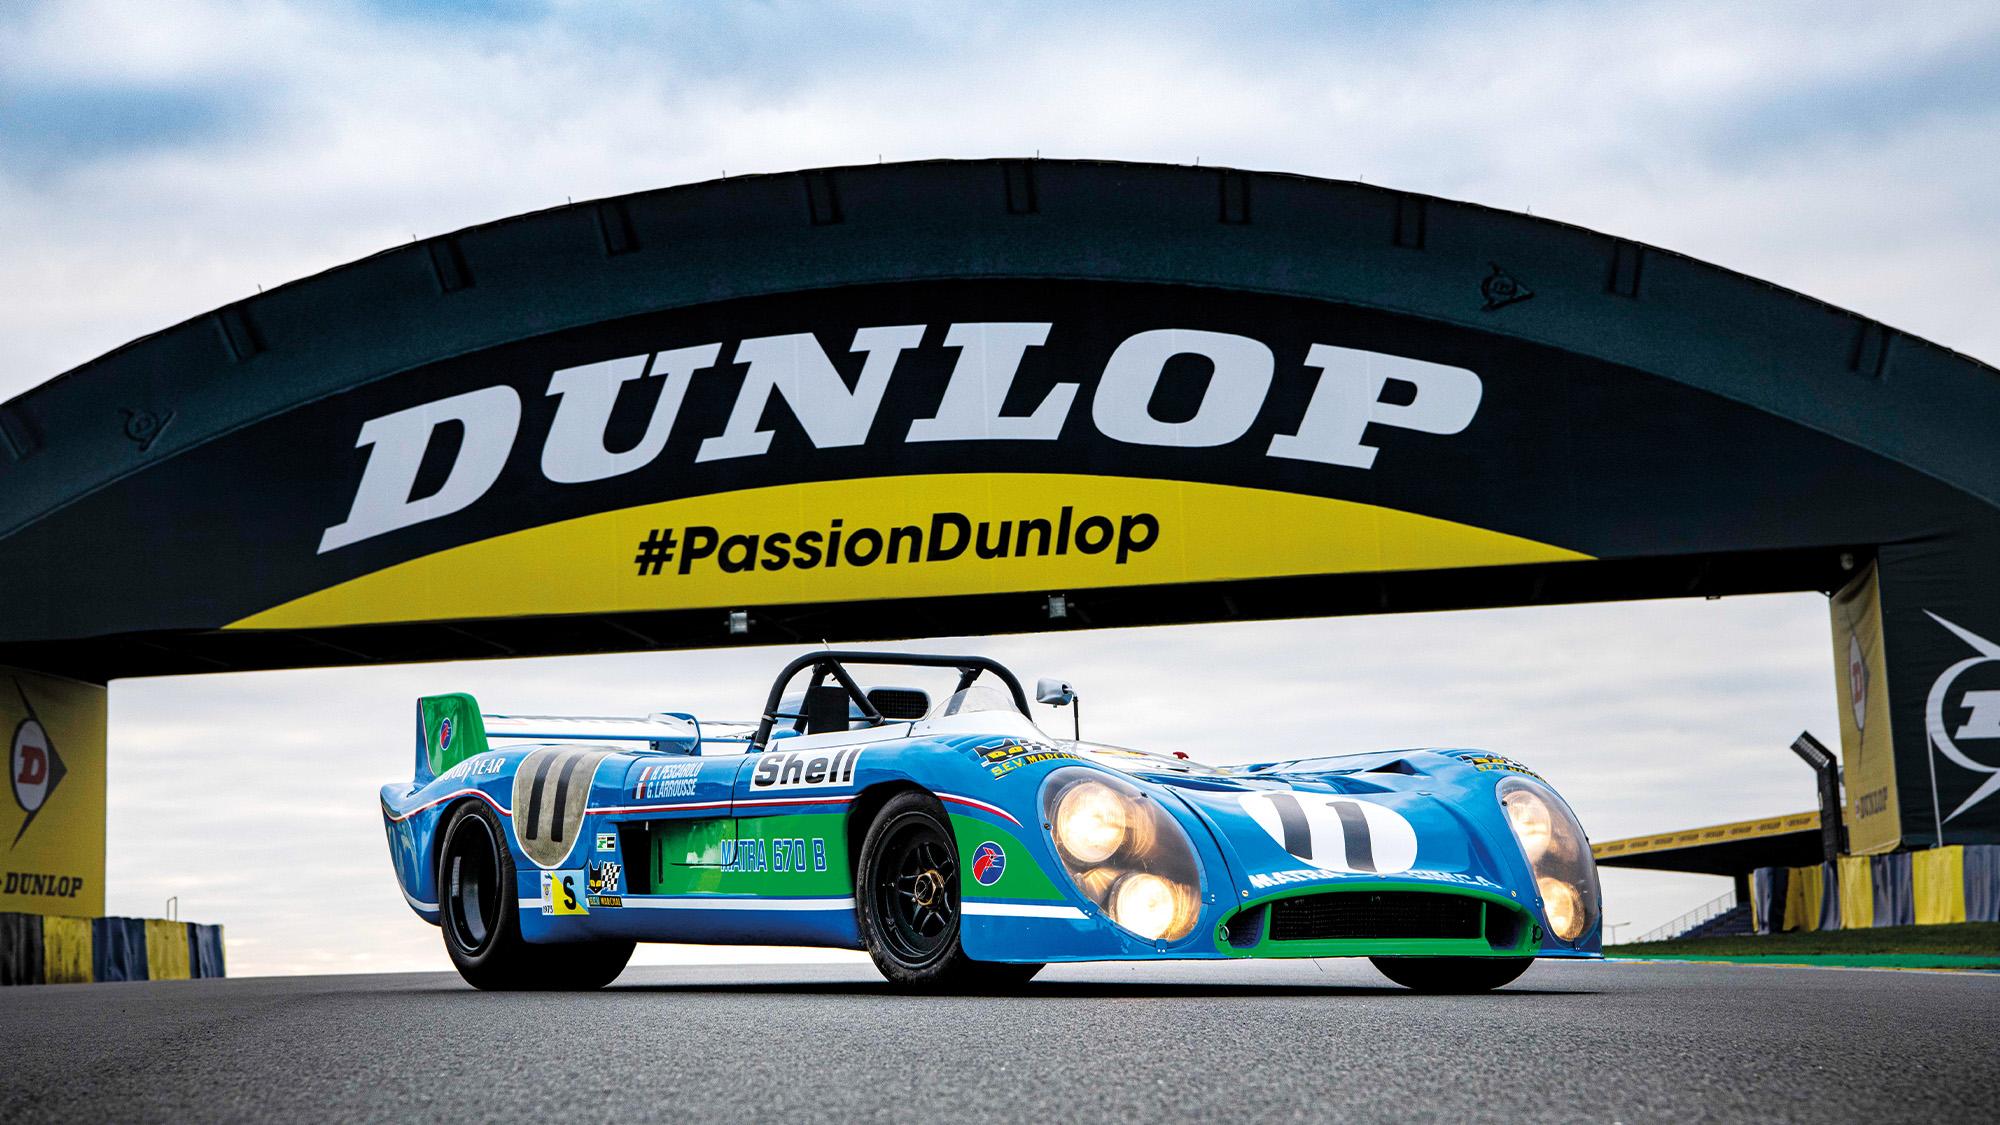 Matra MS670 at the Le Mans Dunlop Bridge